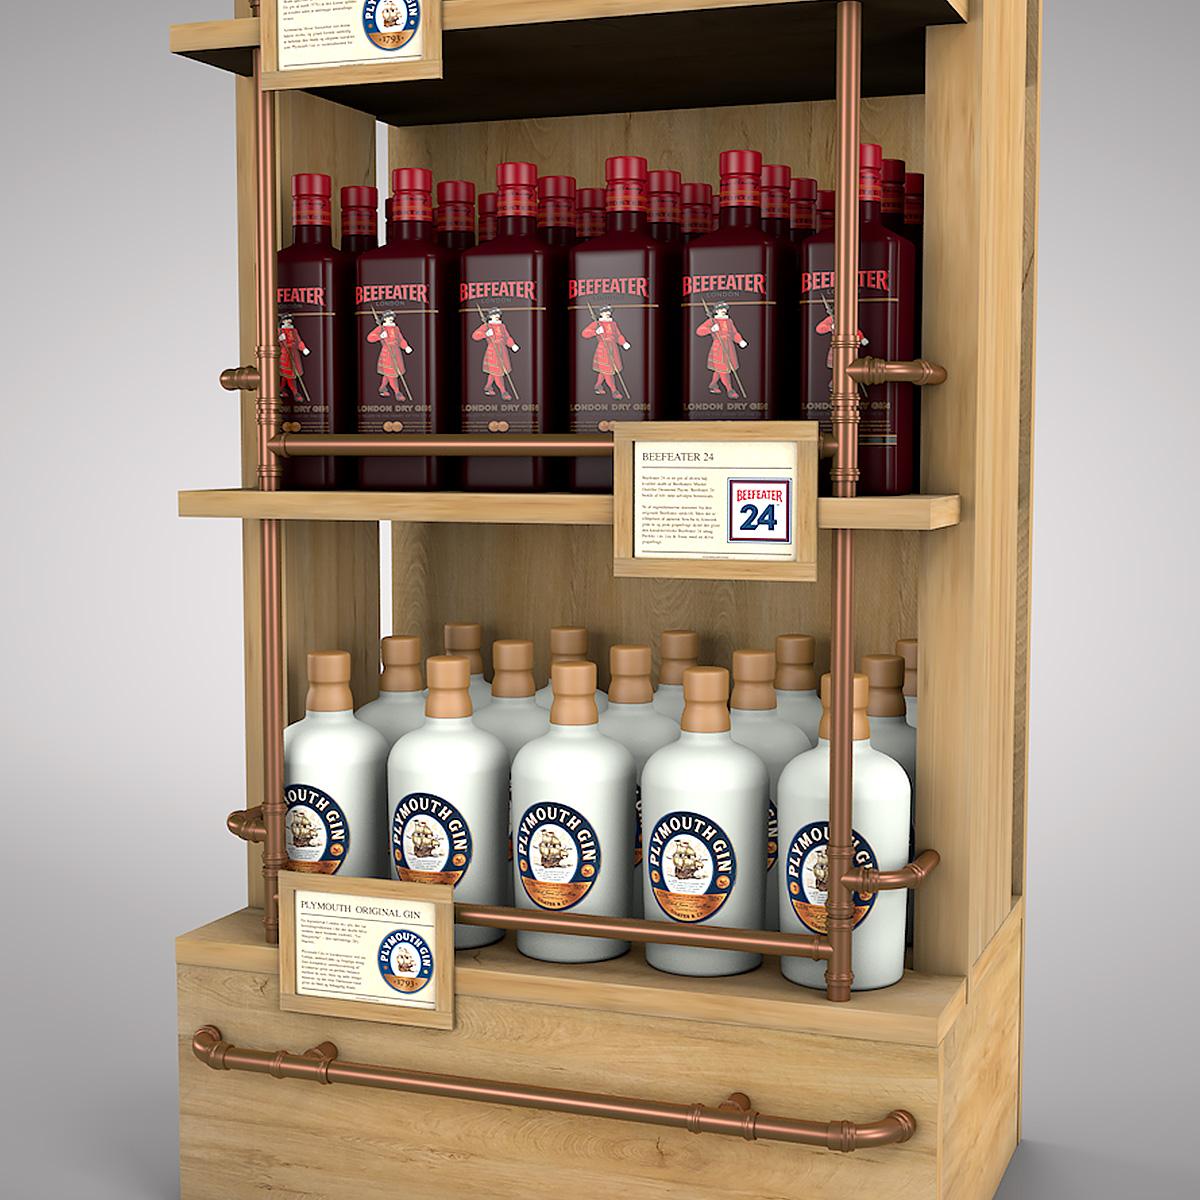 Exkluzívny drevený displej s medenými rúrkami pre špeciálny výber Ginov od Pernod